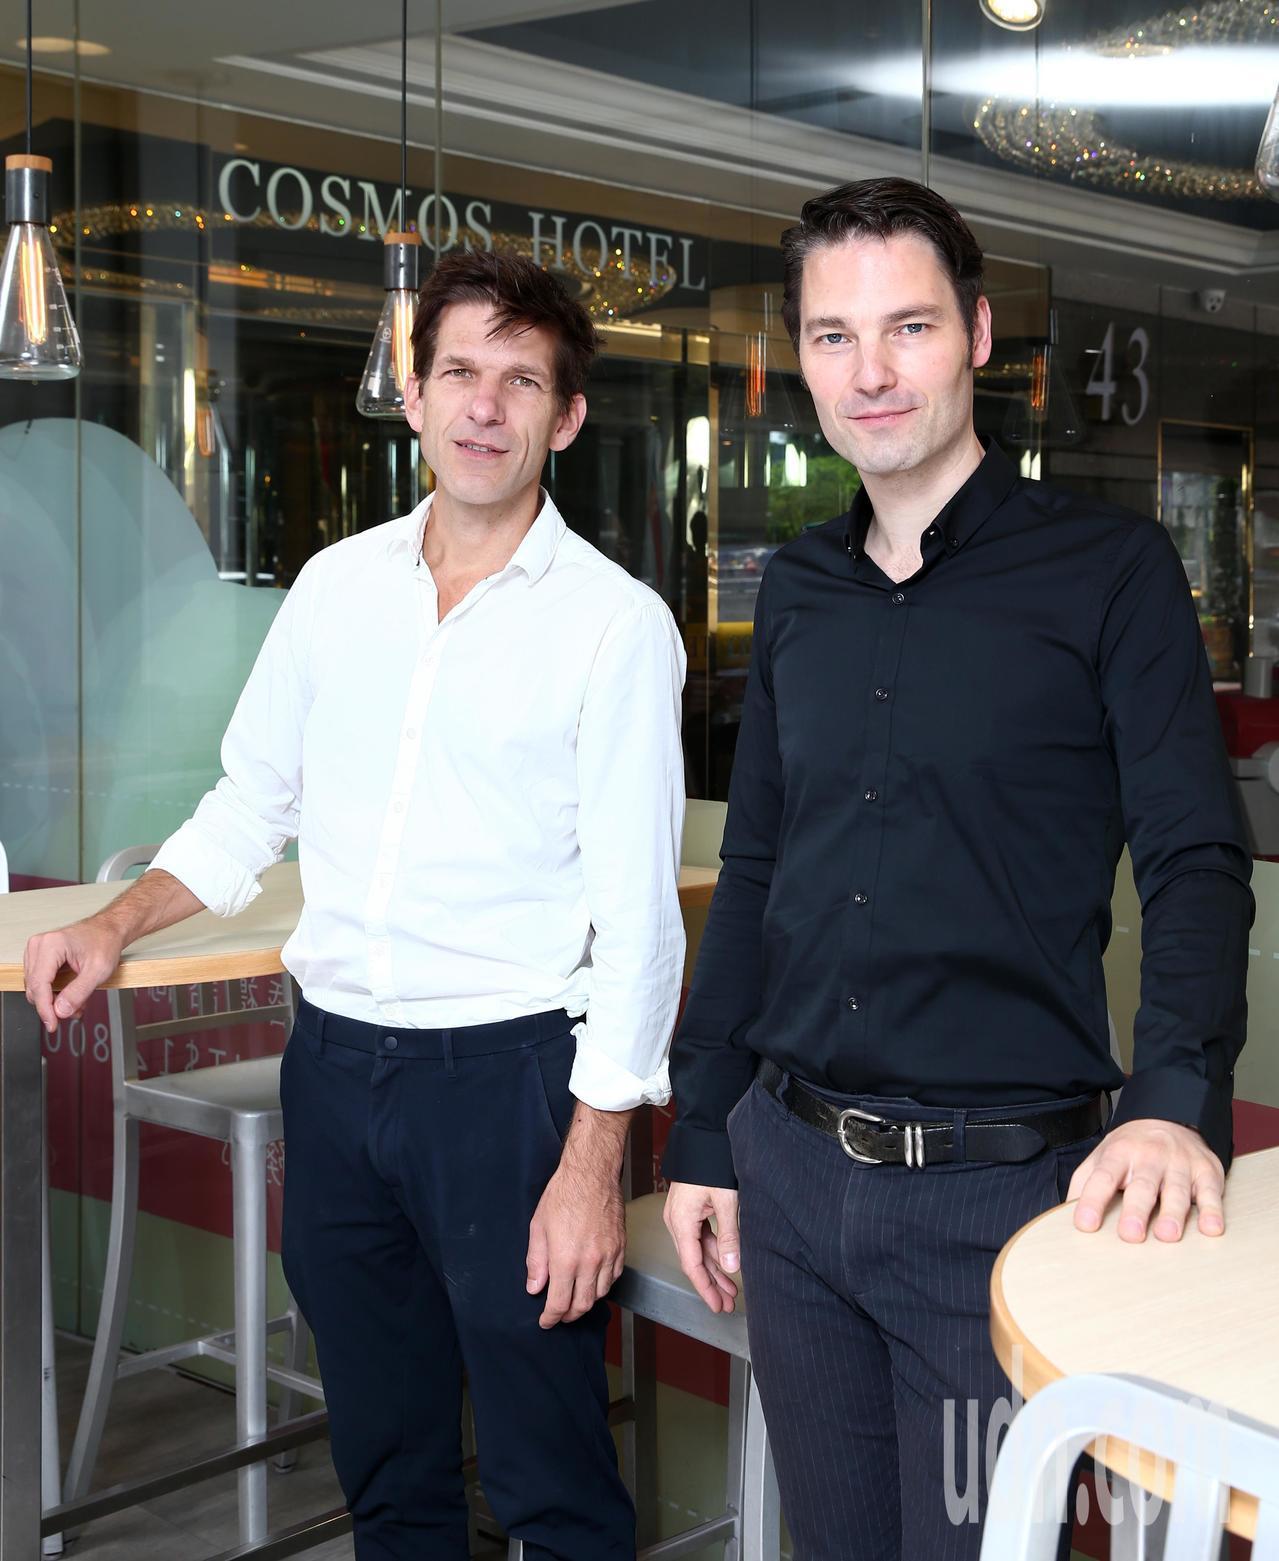 德國的兩位鋼琴才子安德列亞斯.肯恩(Andreas Kern)(左)與保羅.希比...